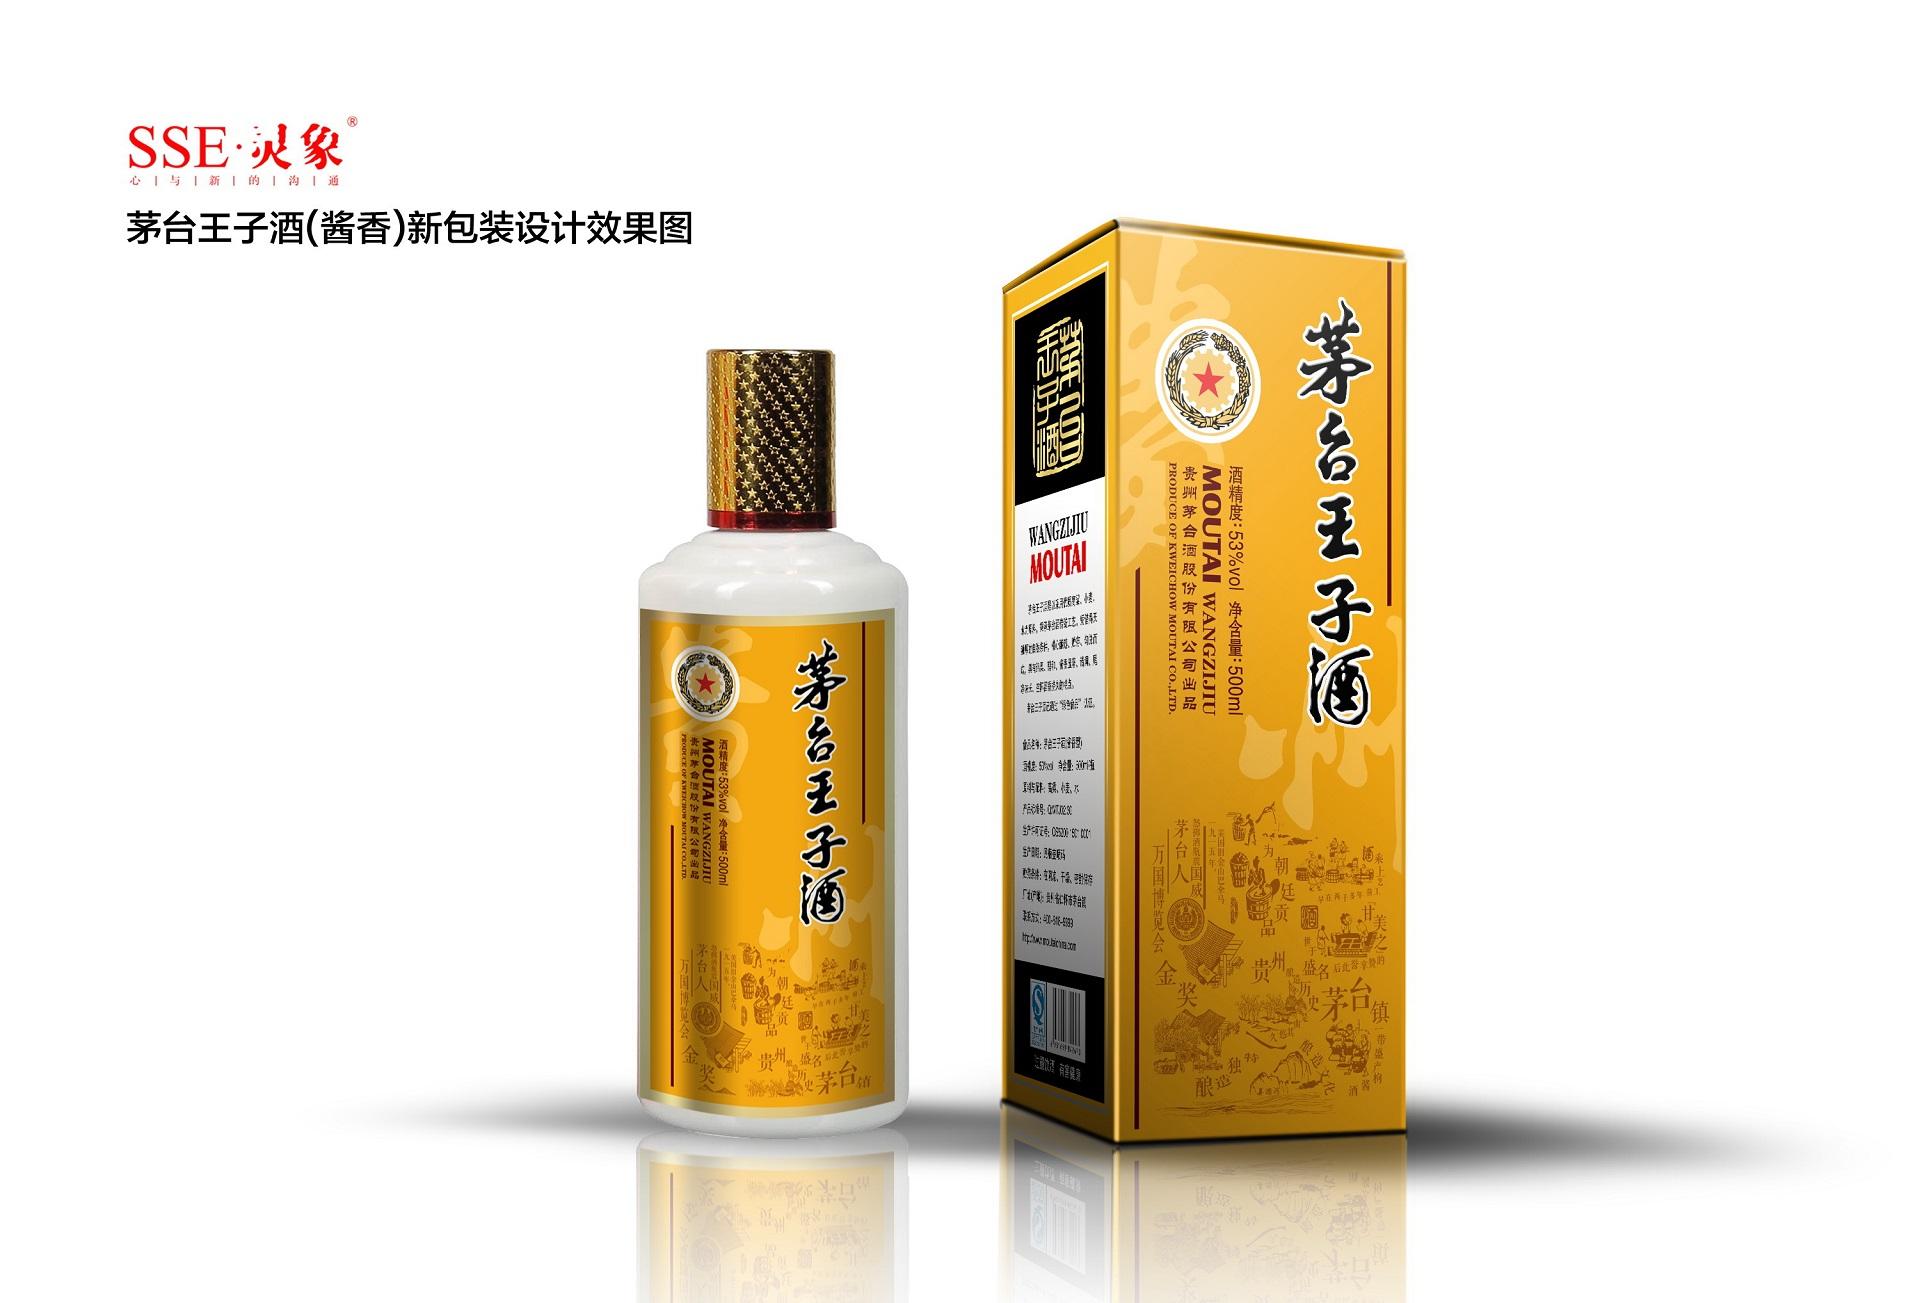 茅台王子酒-产品包装设计